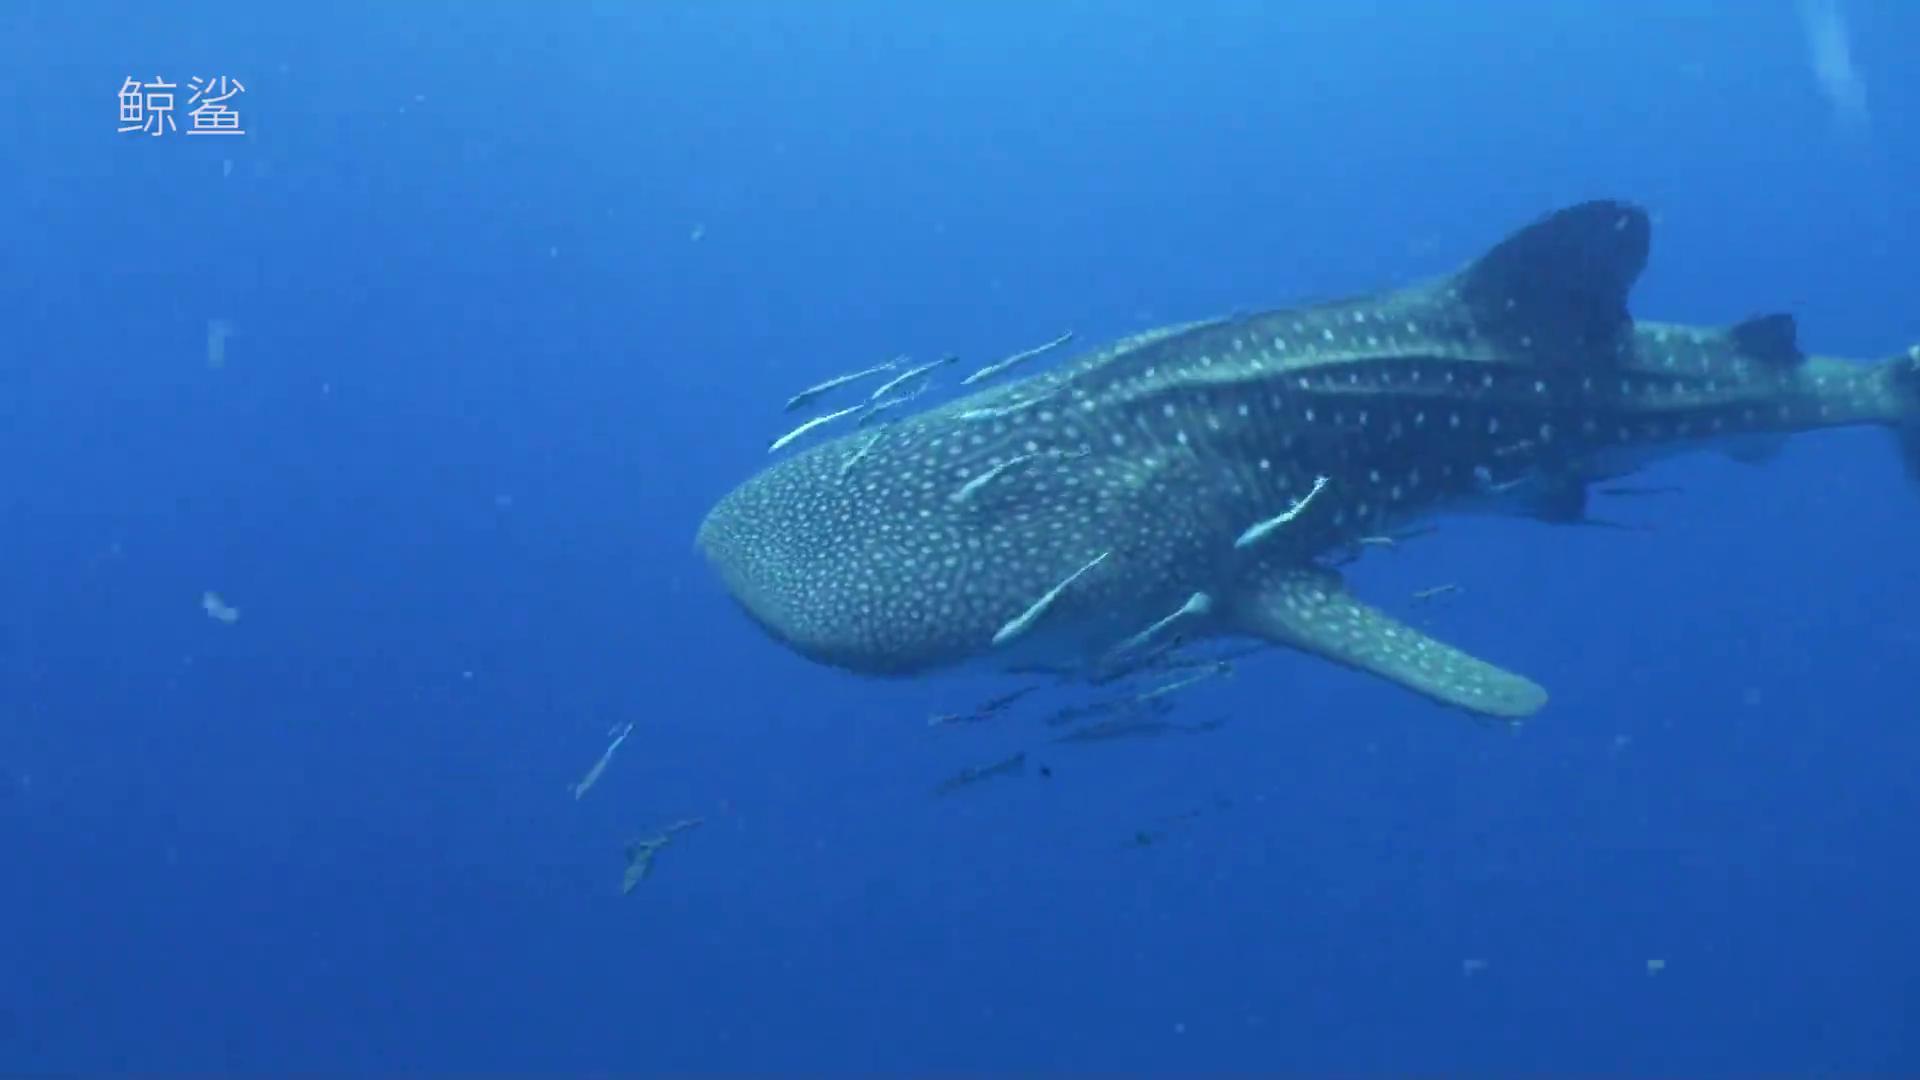 自然资源部在世界海洋日呼吁:珍惜海洋资源 保护海洋生物多样性